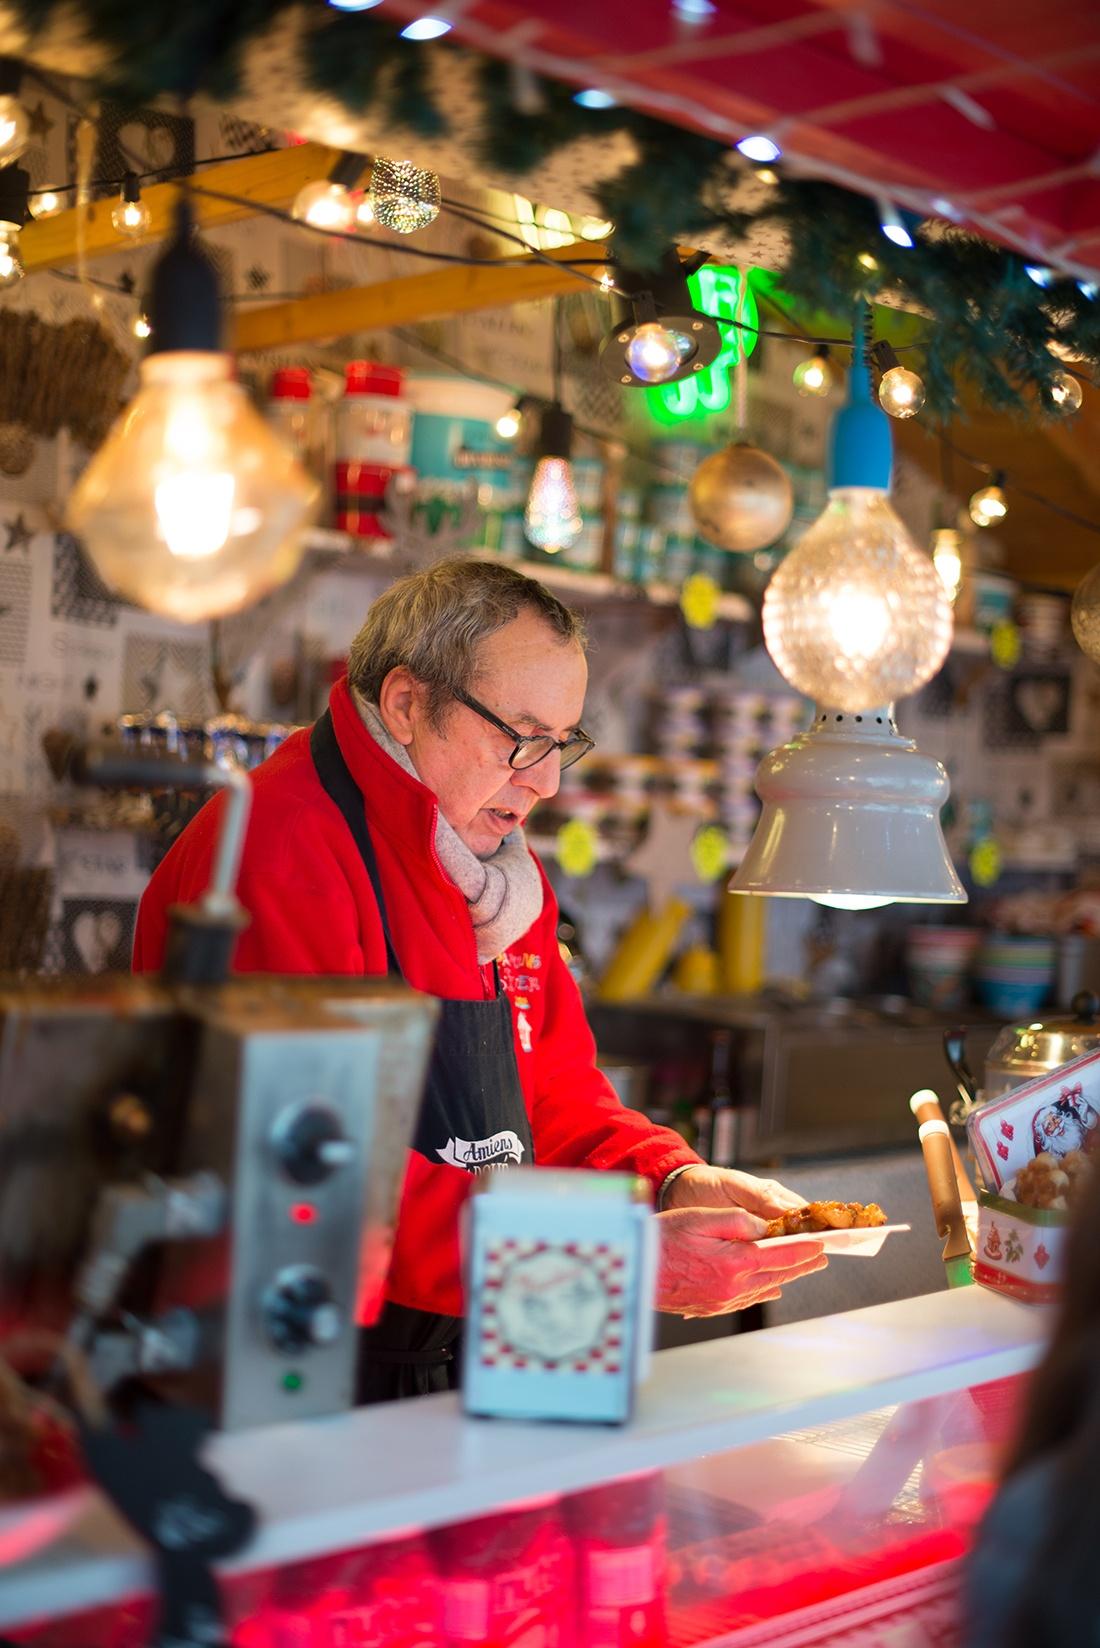 le gaufrier, marché de Noël d'Amiens, hauts-de-france